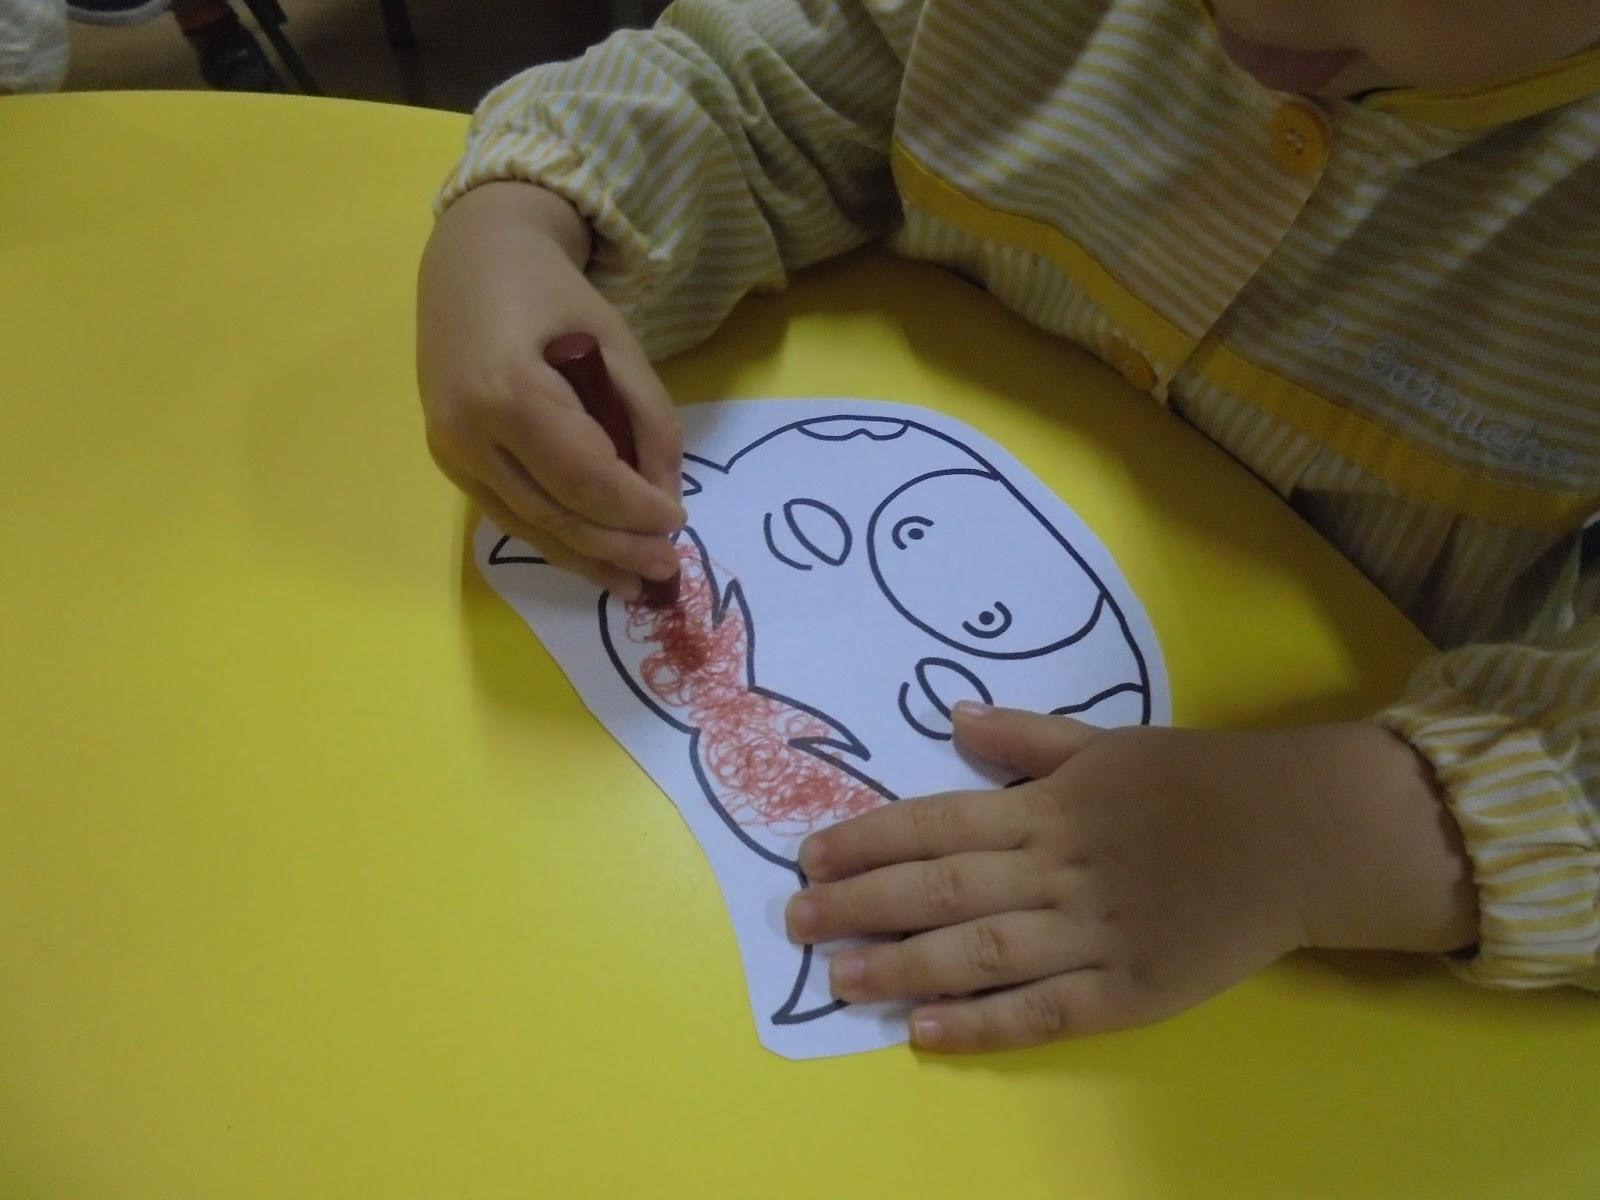 Guarder a centro de educaci n infantil de primer ciclo for En que ciclo lunar estamos hoy